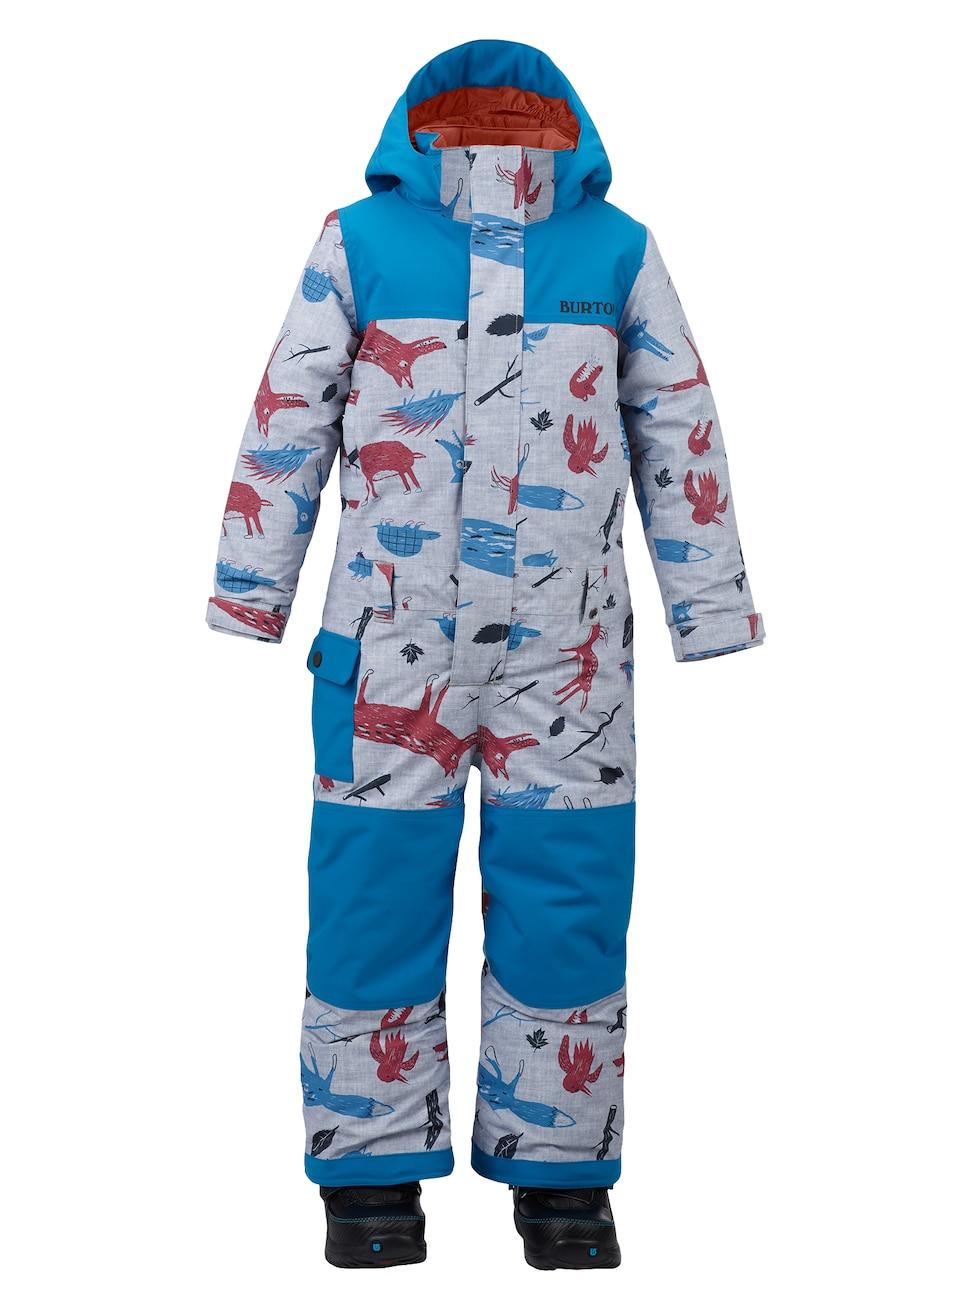 Купить Комбинезон сноубордический BURTON 2017-18 BOYS MS STRIKER OP BBWOLF/MNTNR, Детская одежда, 1354947